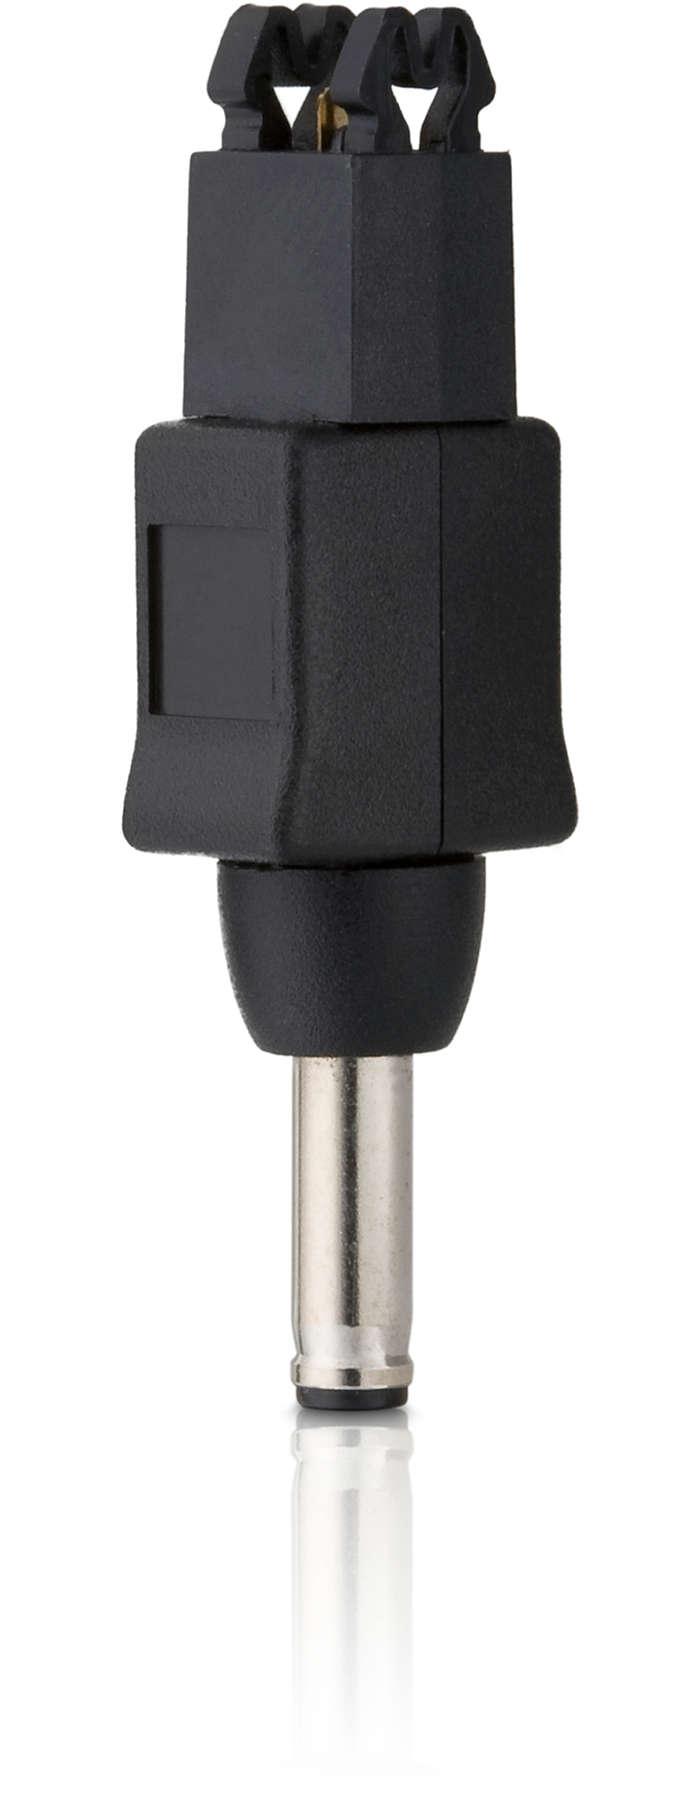 Anschlussstecker für Sony Ericsson-Telefone